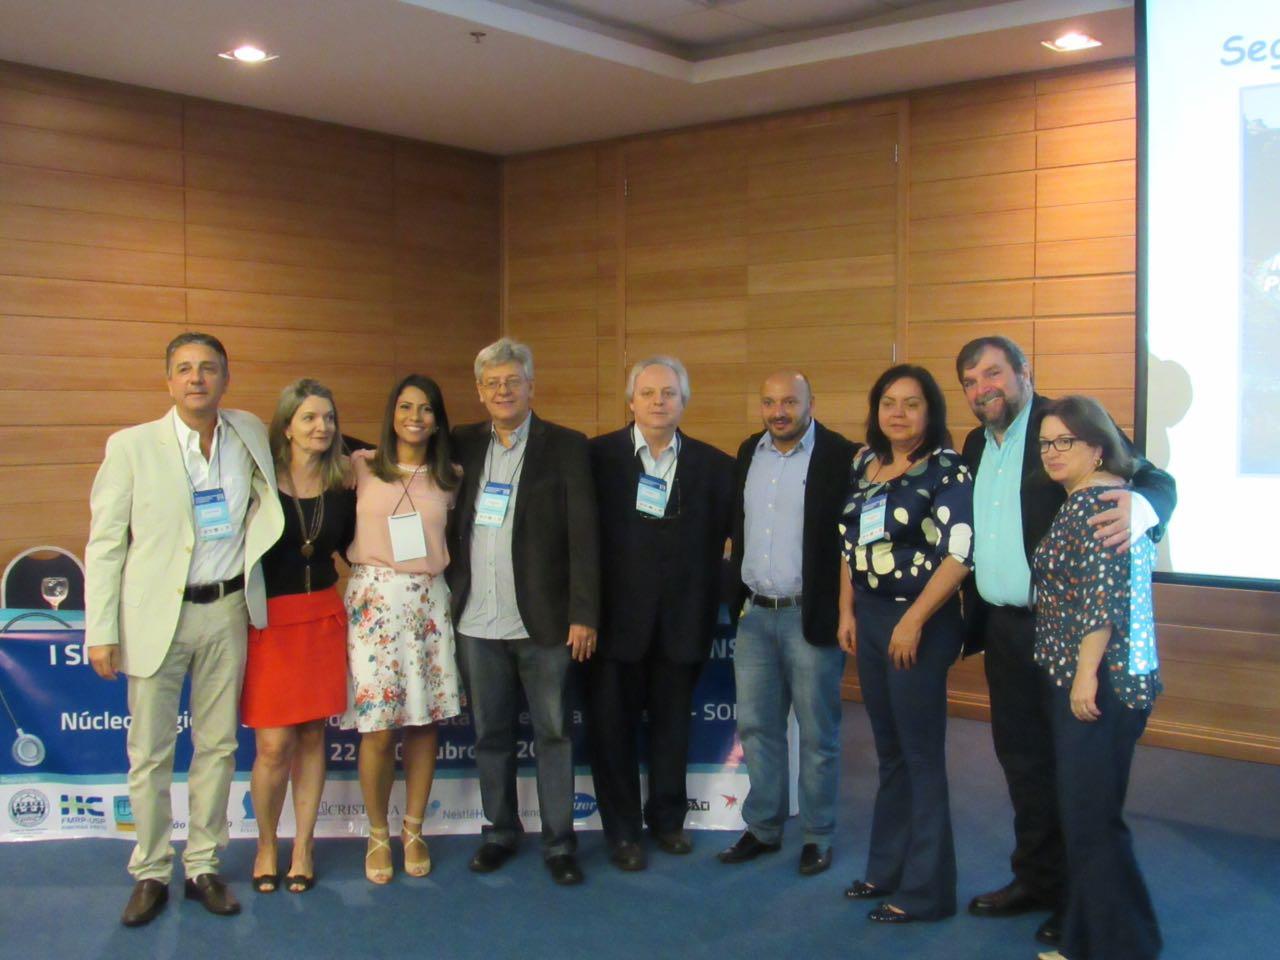 Foto 11 simposio_ribeirao_preto (11).JPG